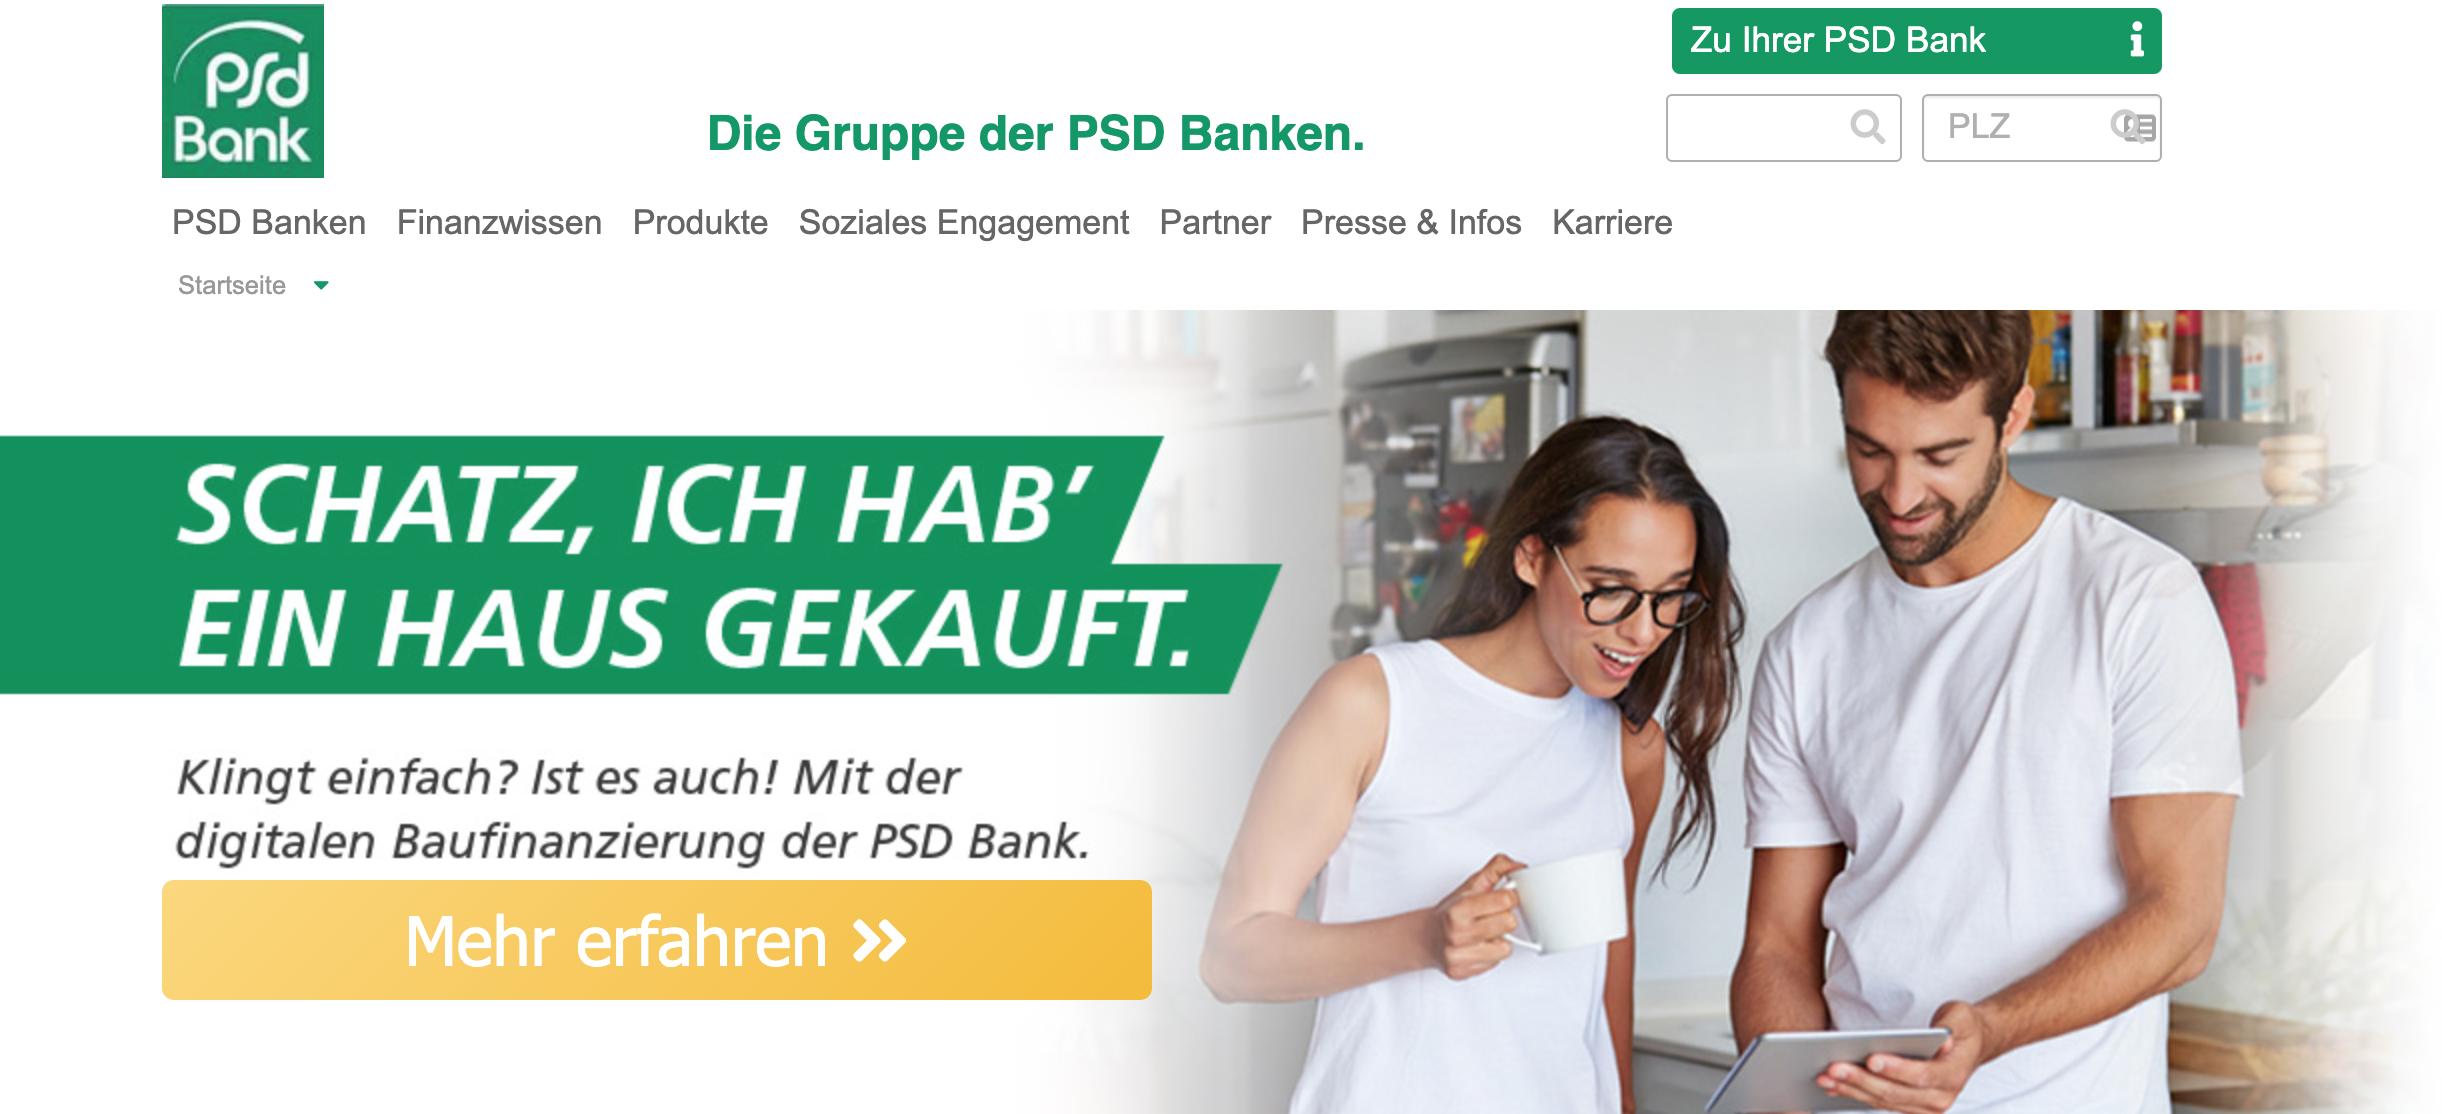 PSD Bank Erfahrungen - Seriöser Anbieter?